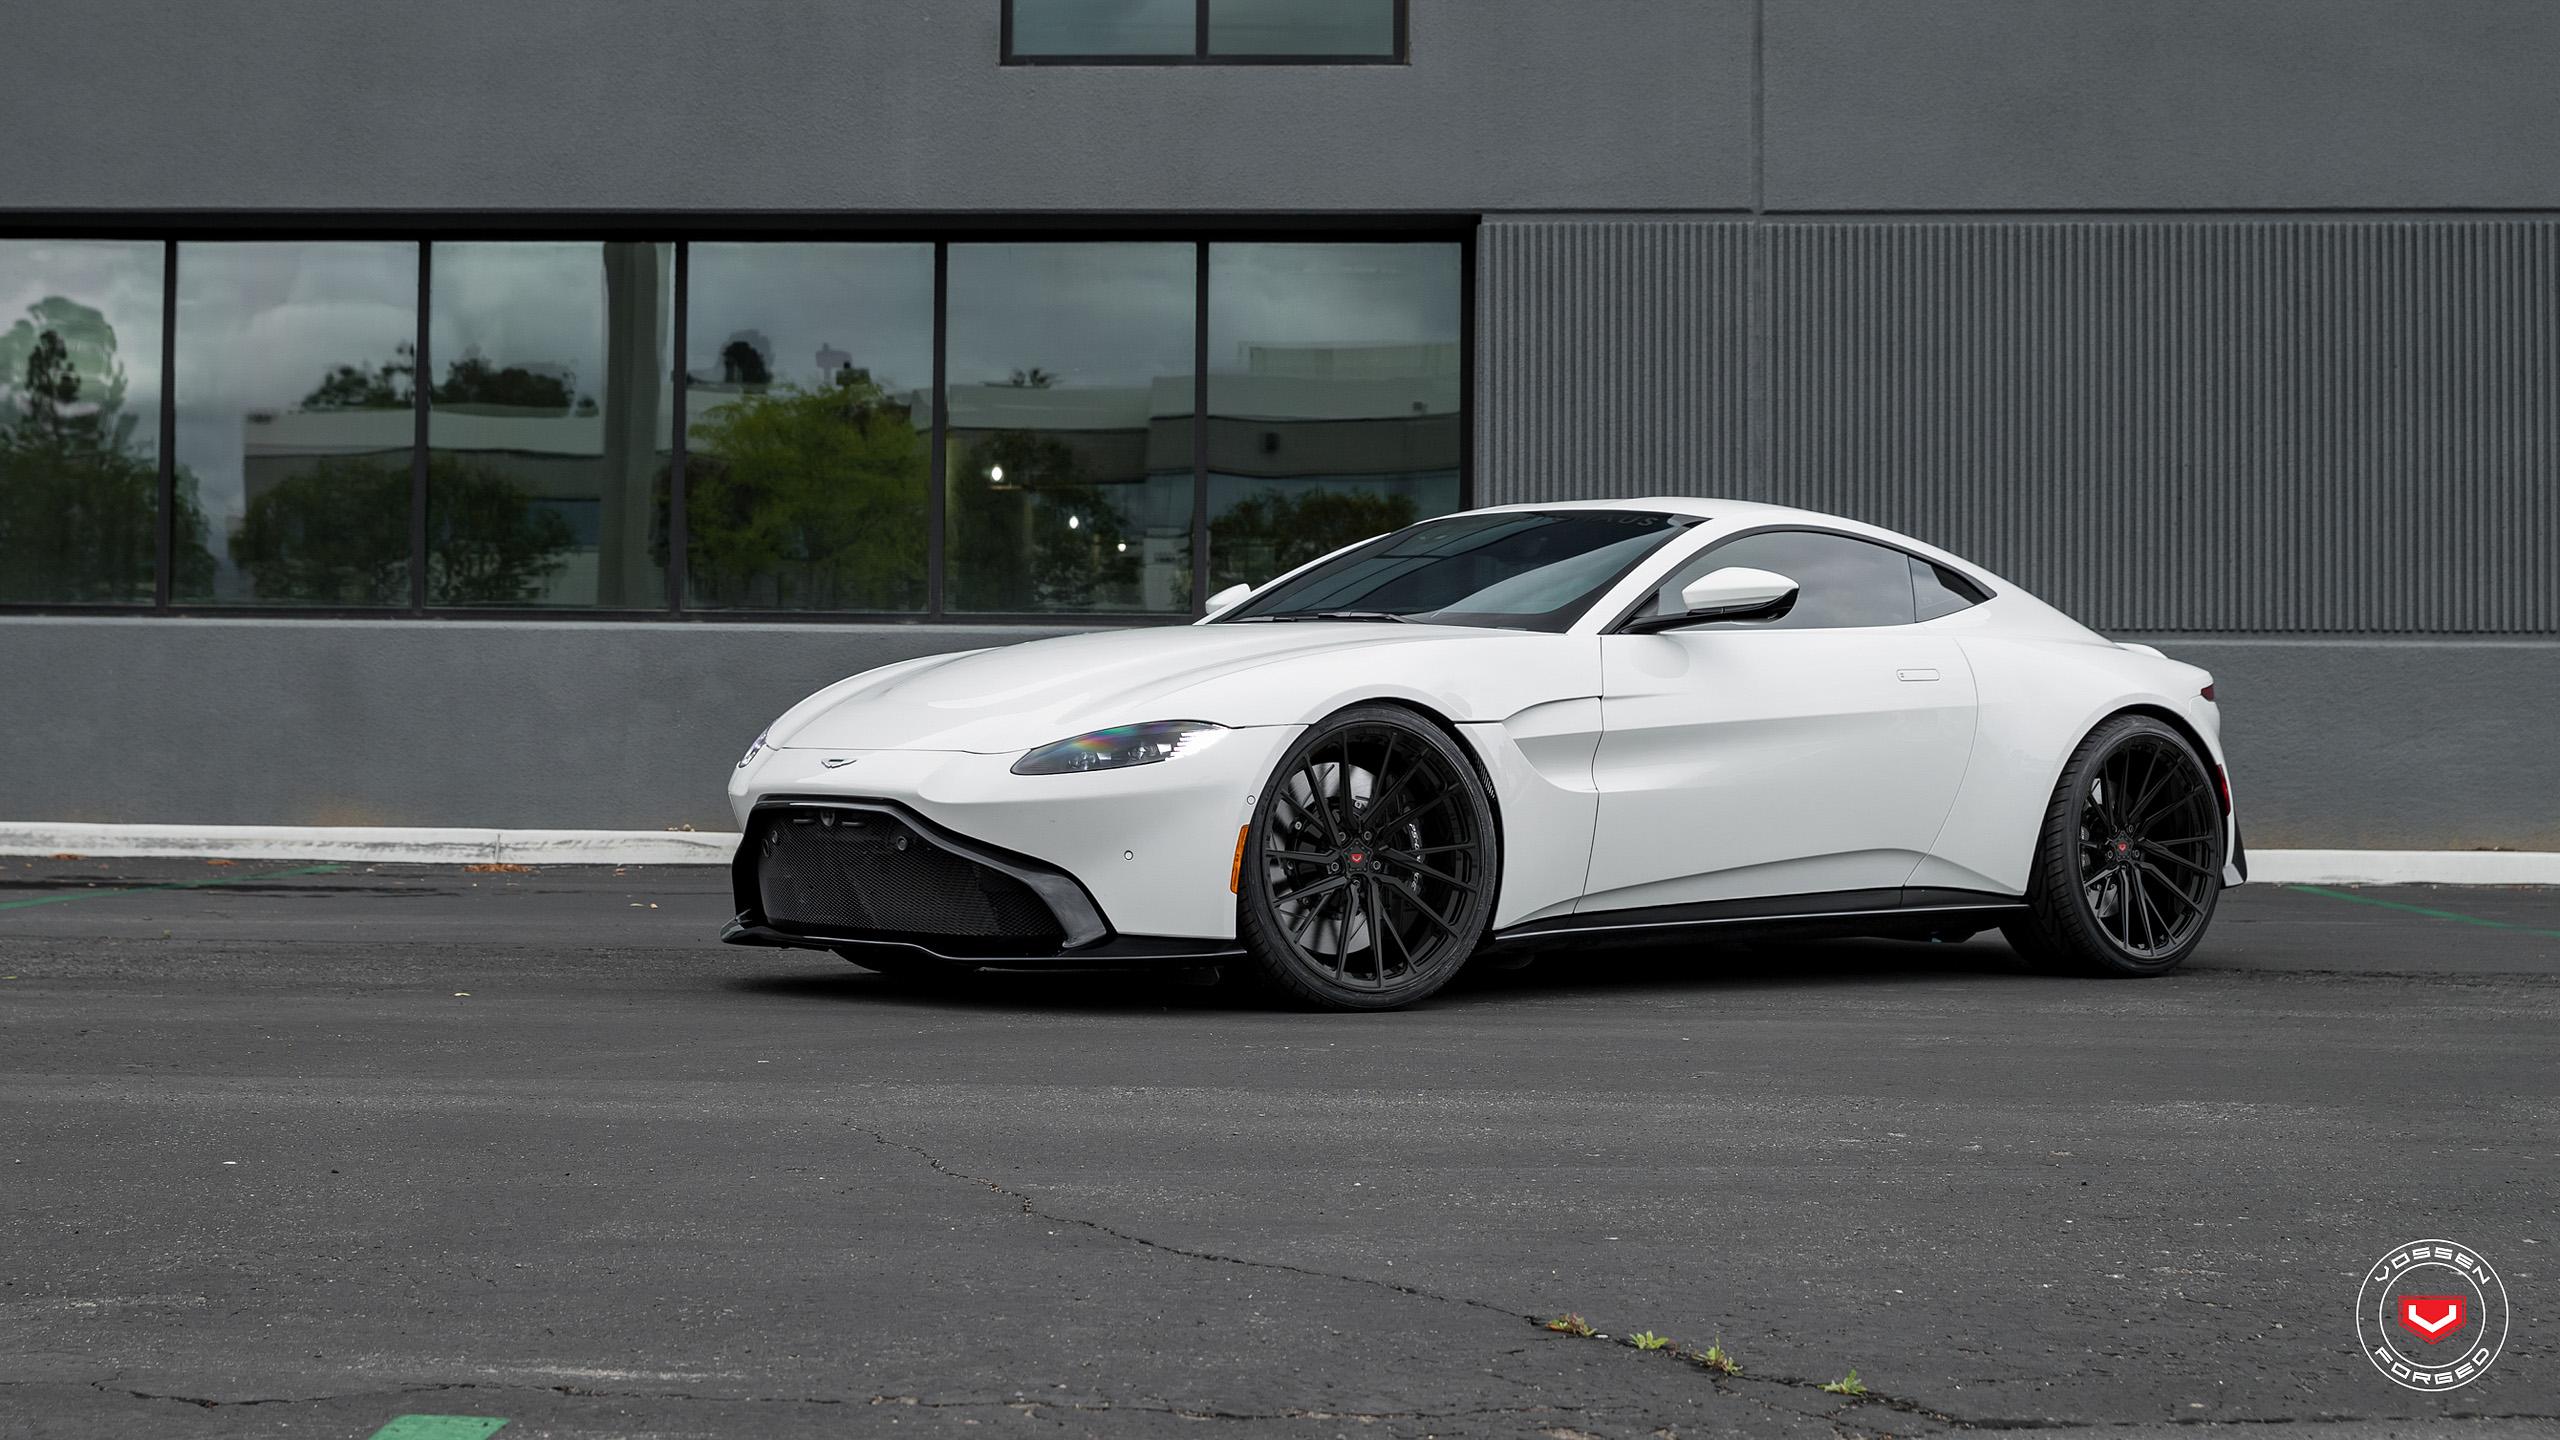 Aston Martin Vantage Vossen Forged Vossenwheels De Wheelscompany Gmbh Vossen Felgen